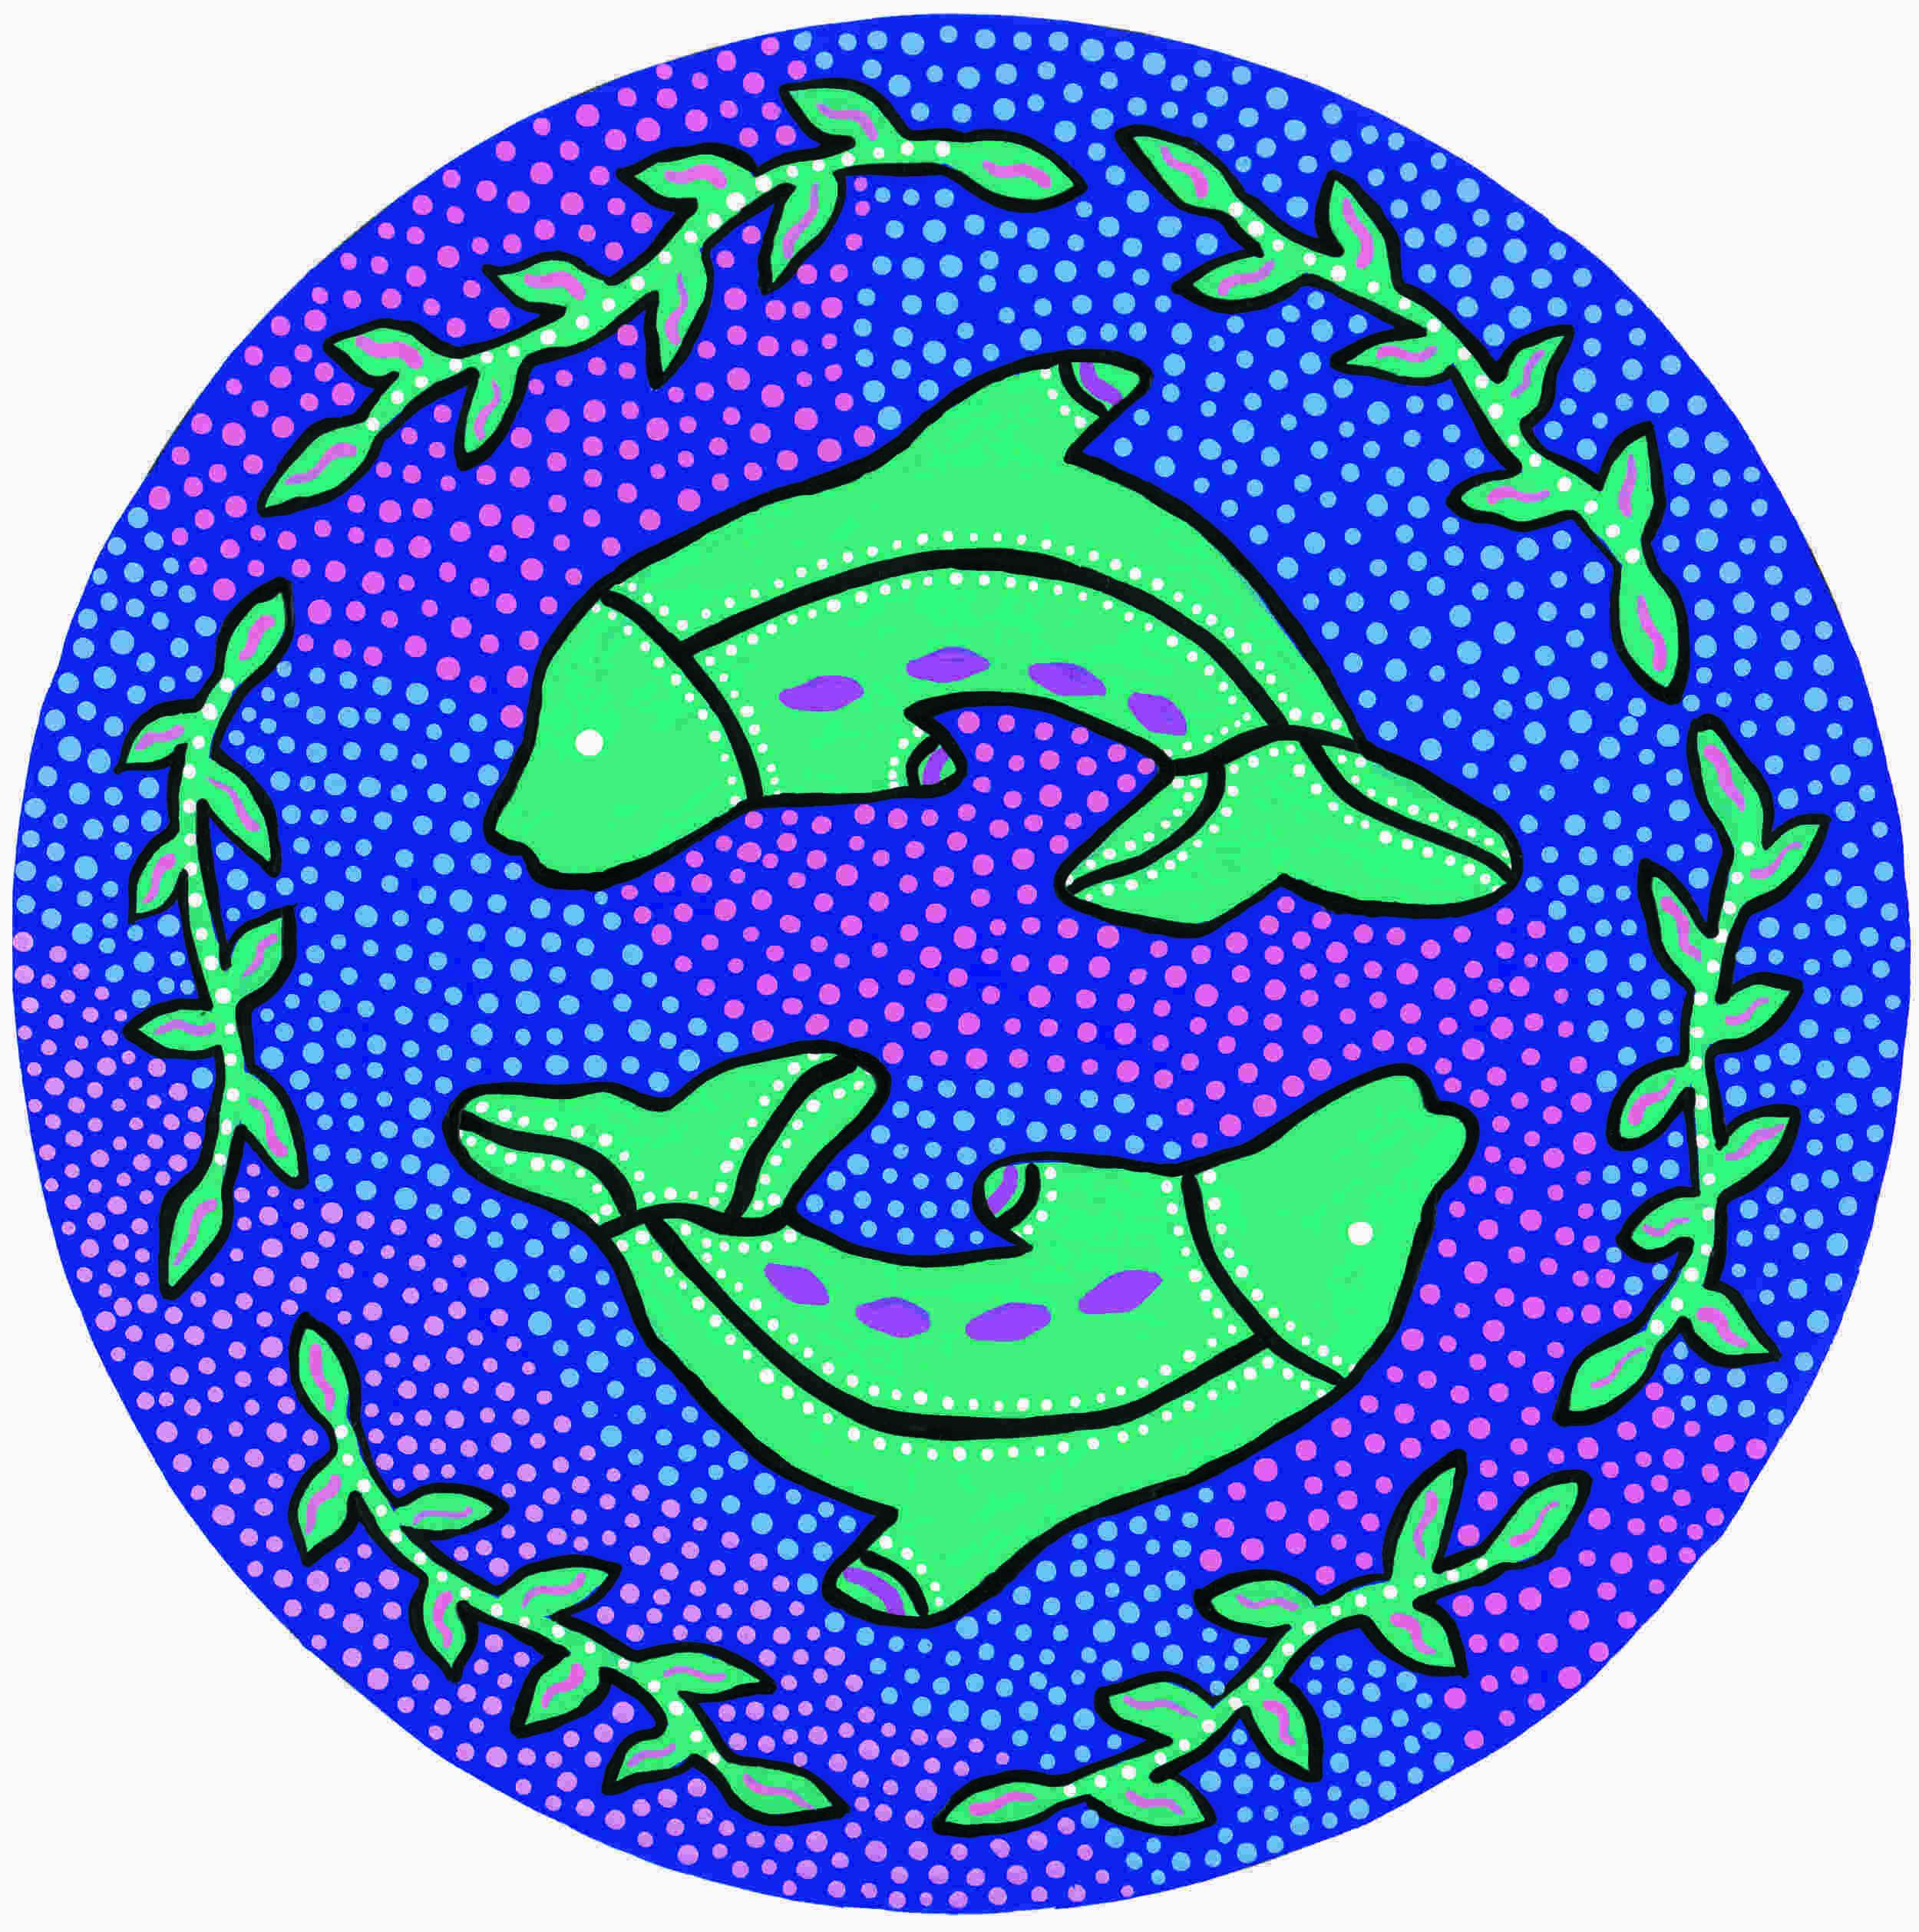 dolphin round blue.jpg